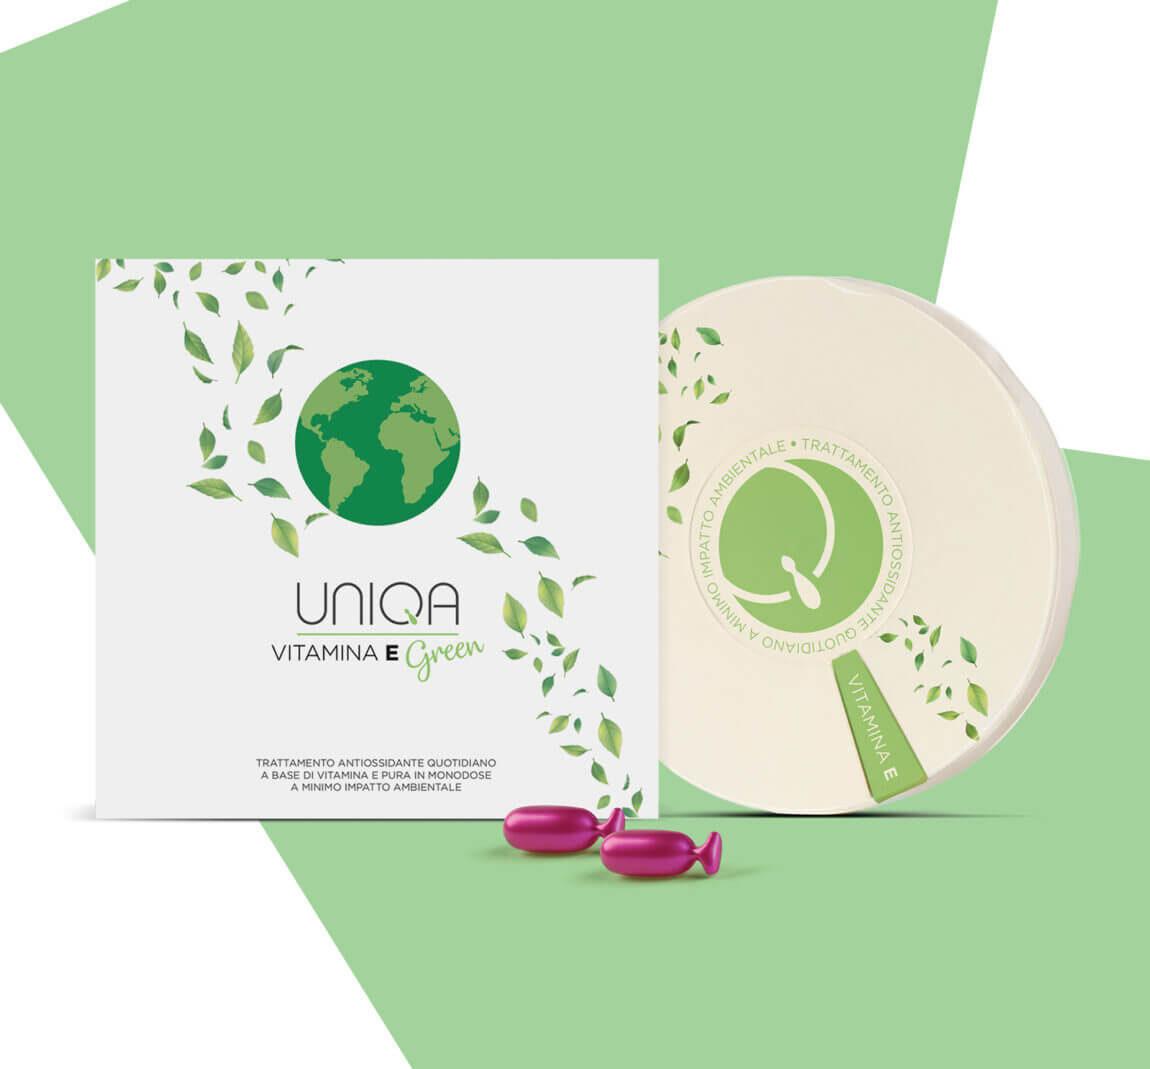 estetica-claudia-uniqa-trattamenti-viso-giorno-vitamina-e-green